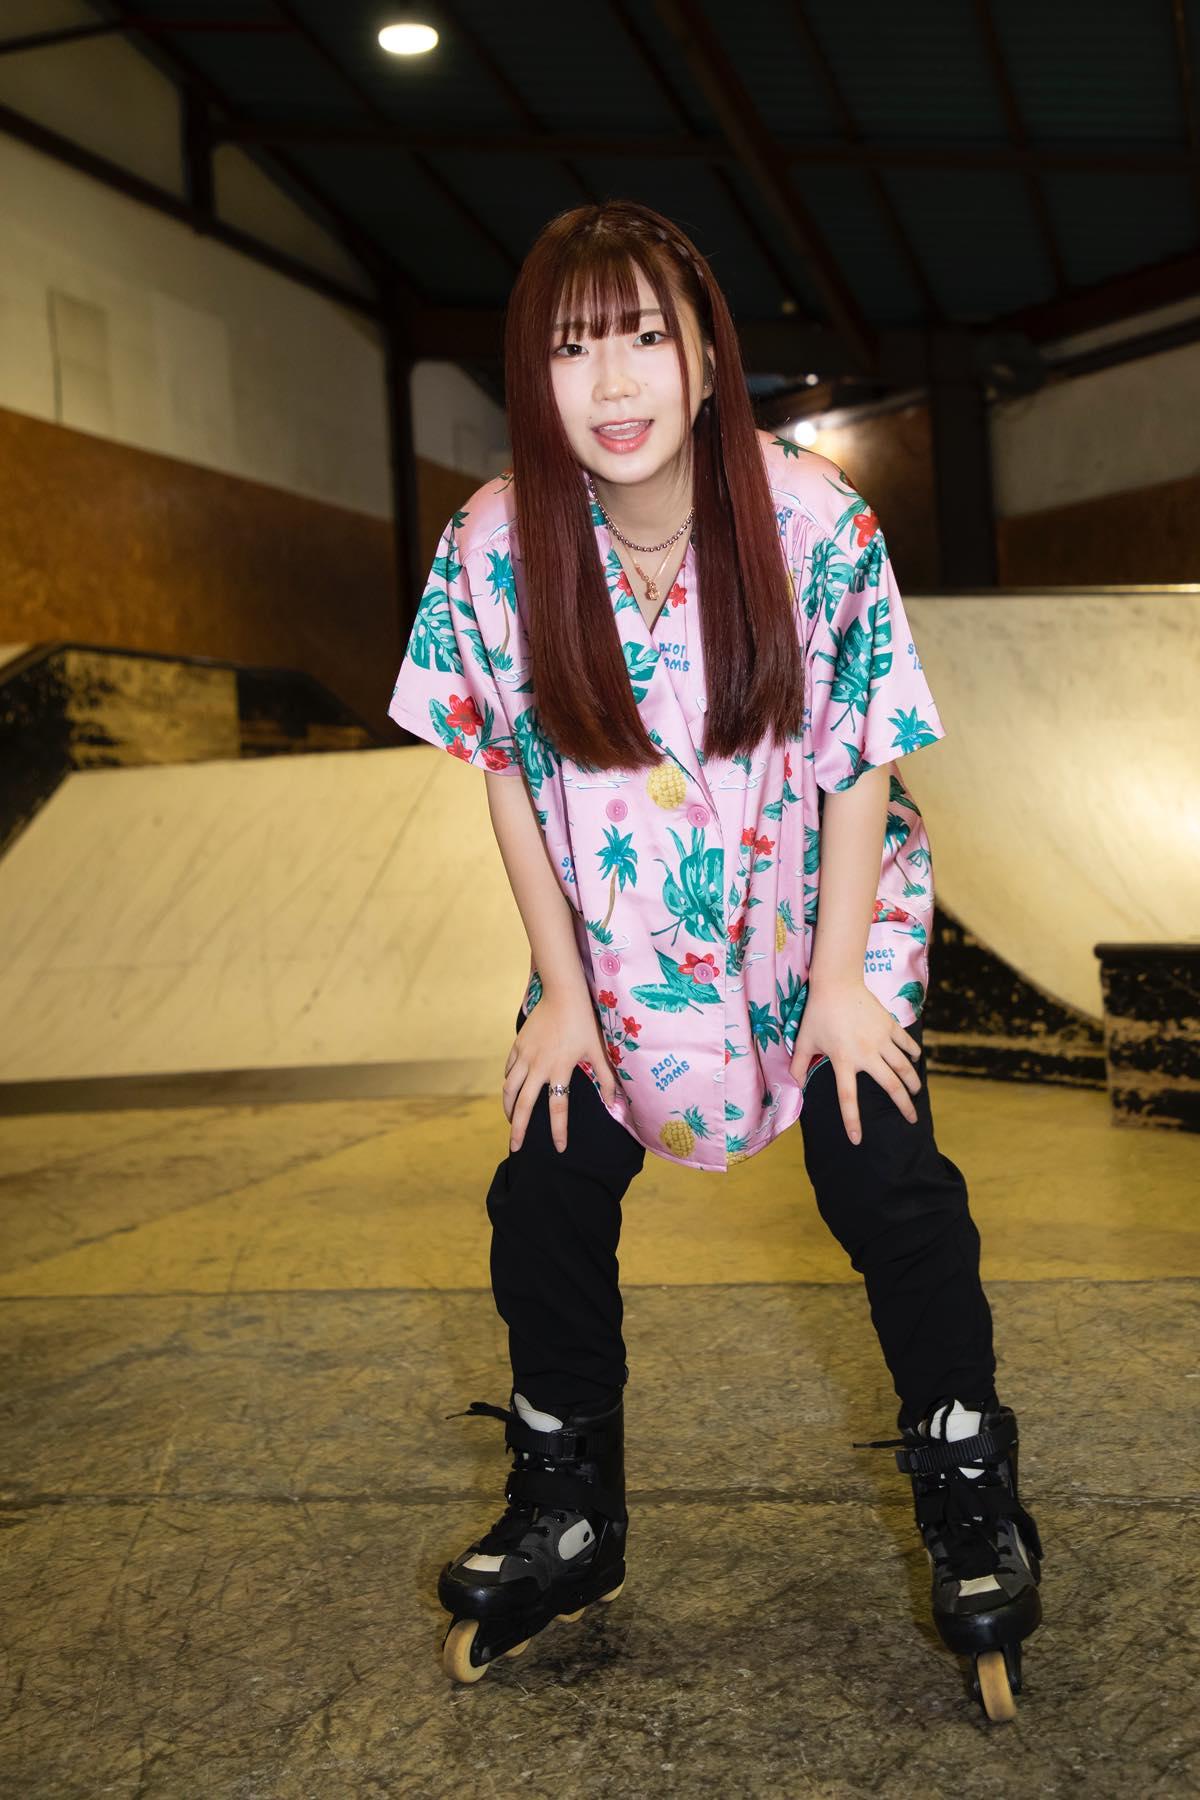 米田みいな「初めてのインラインスケートでなぜかにゃんこスターのモノマネ!?」【写真37枚】【連載】ラストアイドルのすっぴん!vol.21の画像017